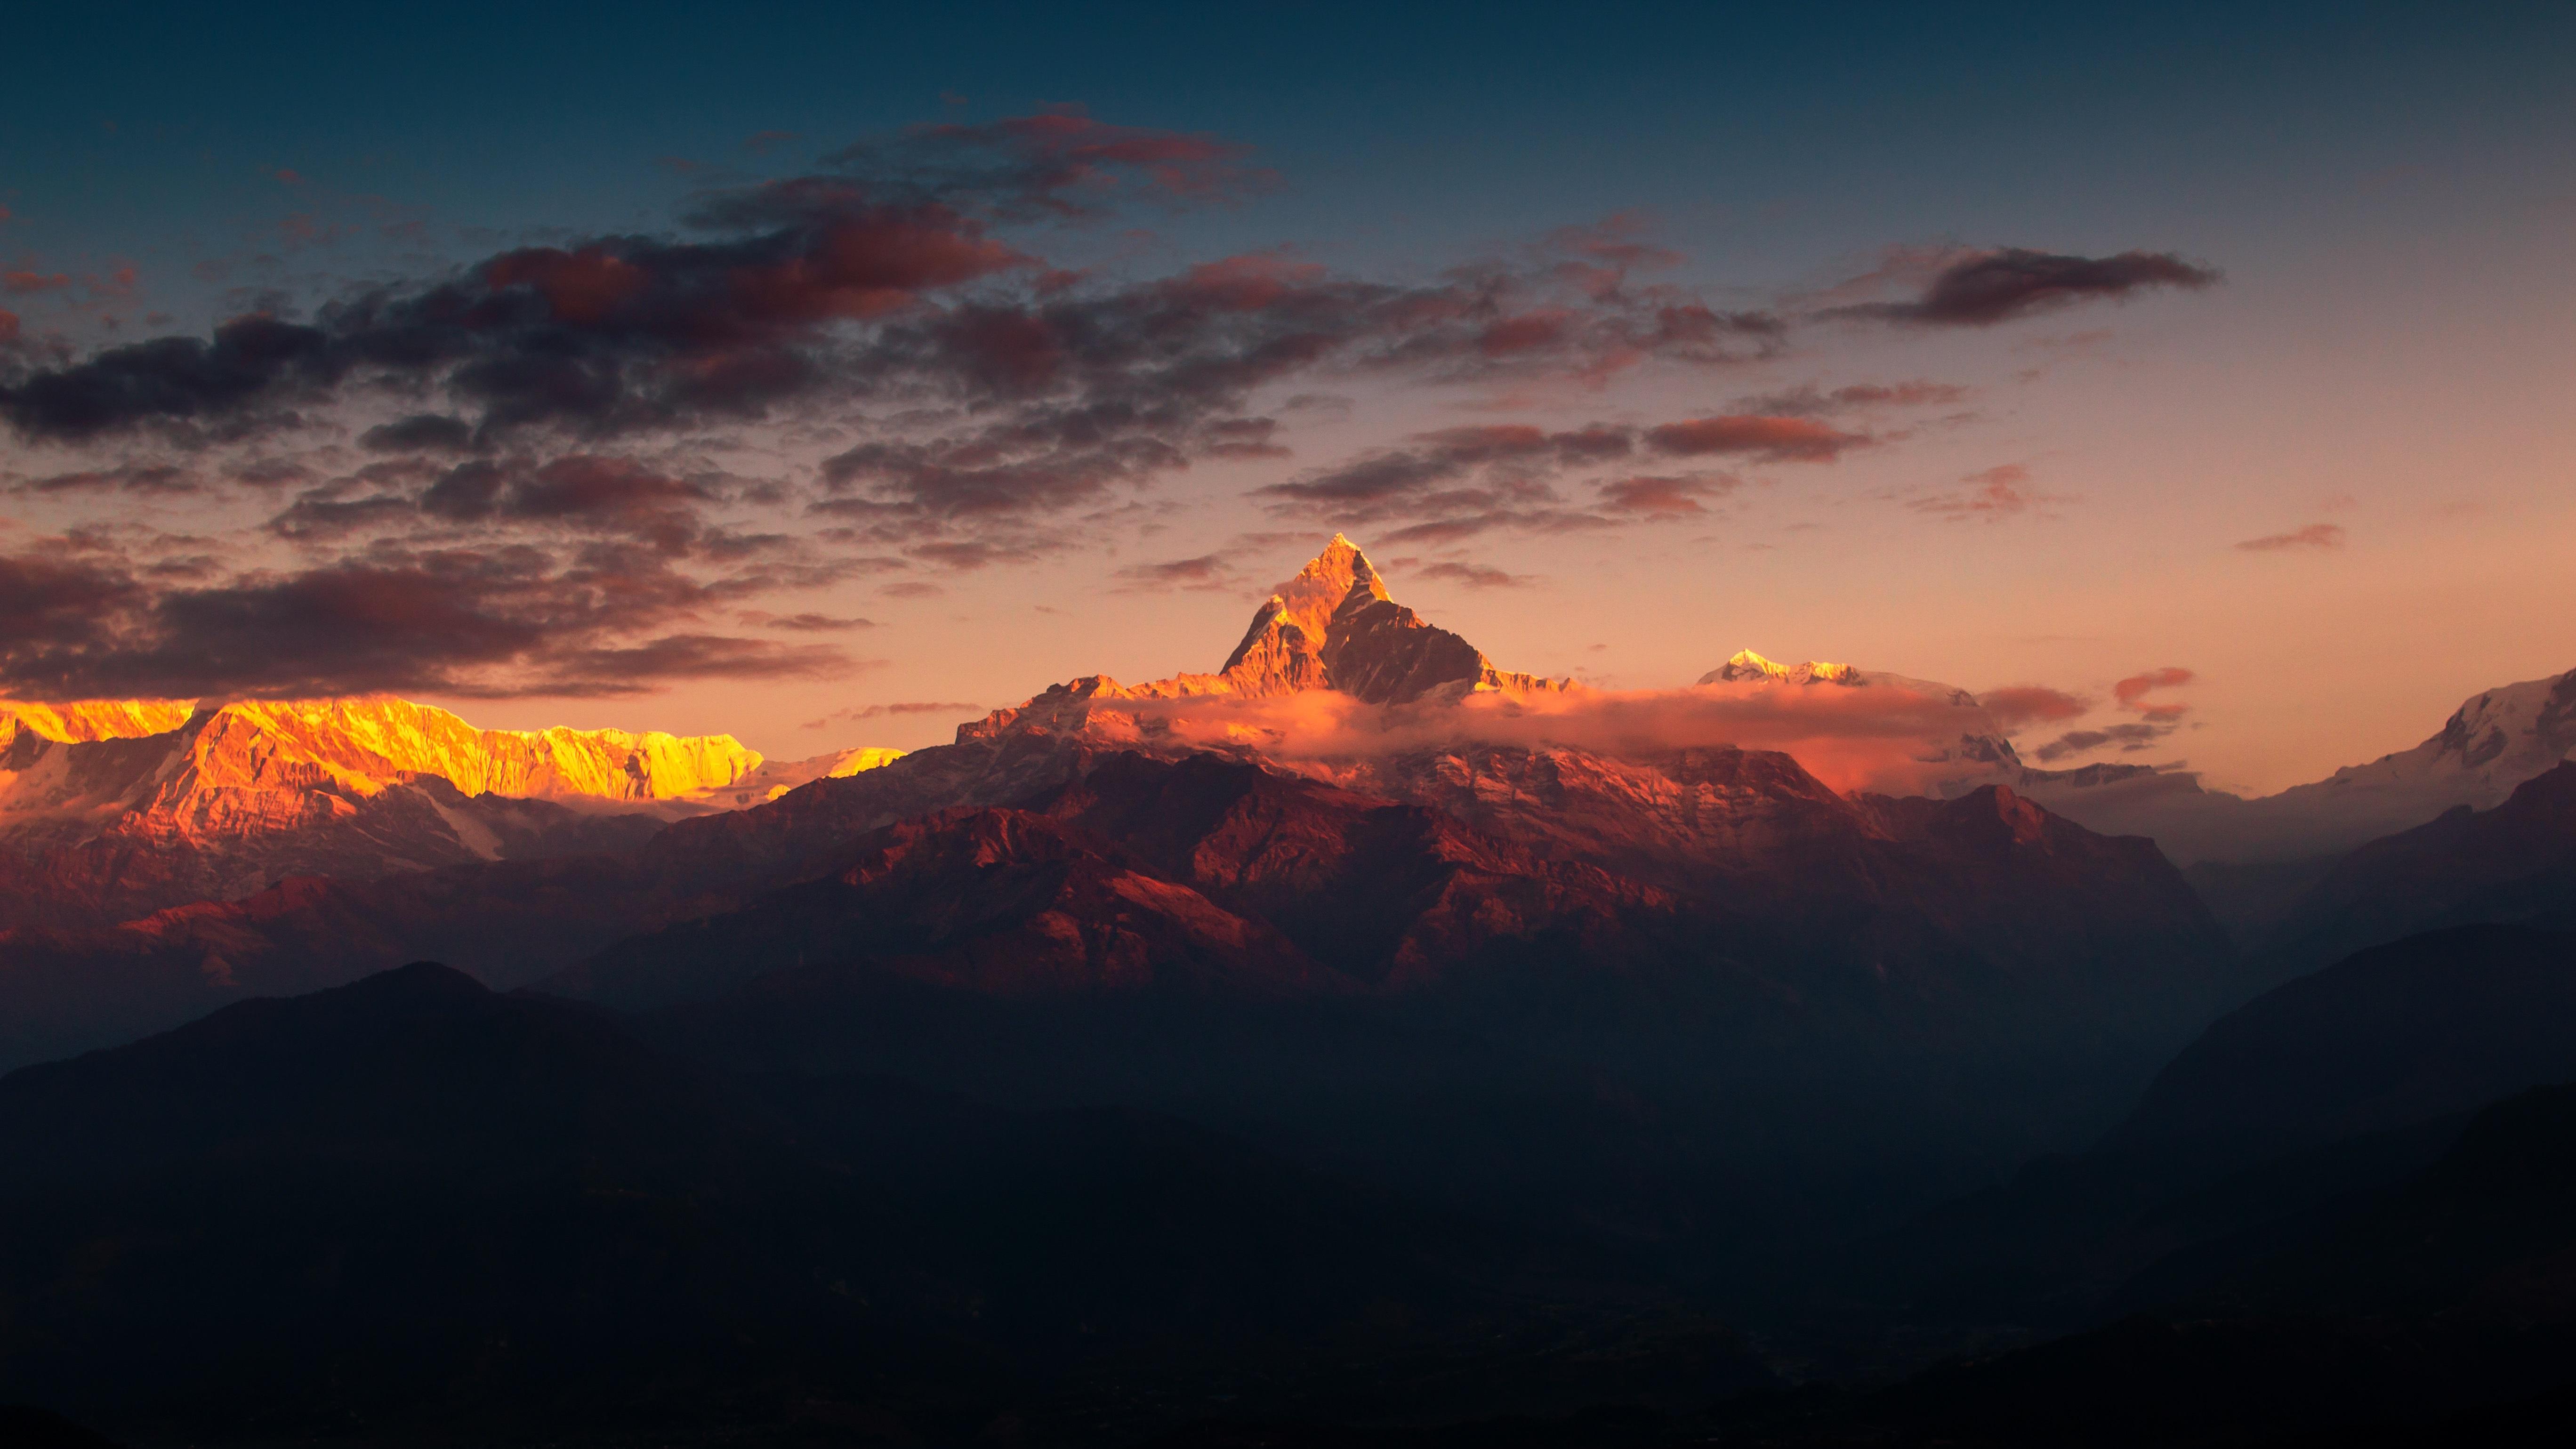 60873 Hintergrundbild 1024x768 kostenlos auf deinem Handy, lade Bilder Natur, Sky, Mountains, Clouds, Scheitel, Nach Oben, Himalaya 1024x768 auf dein Handy herunter